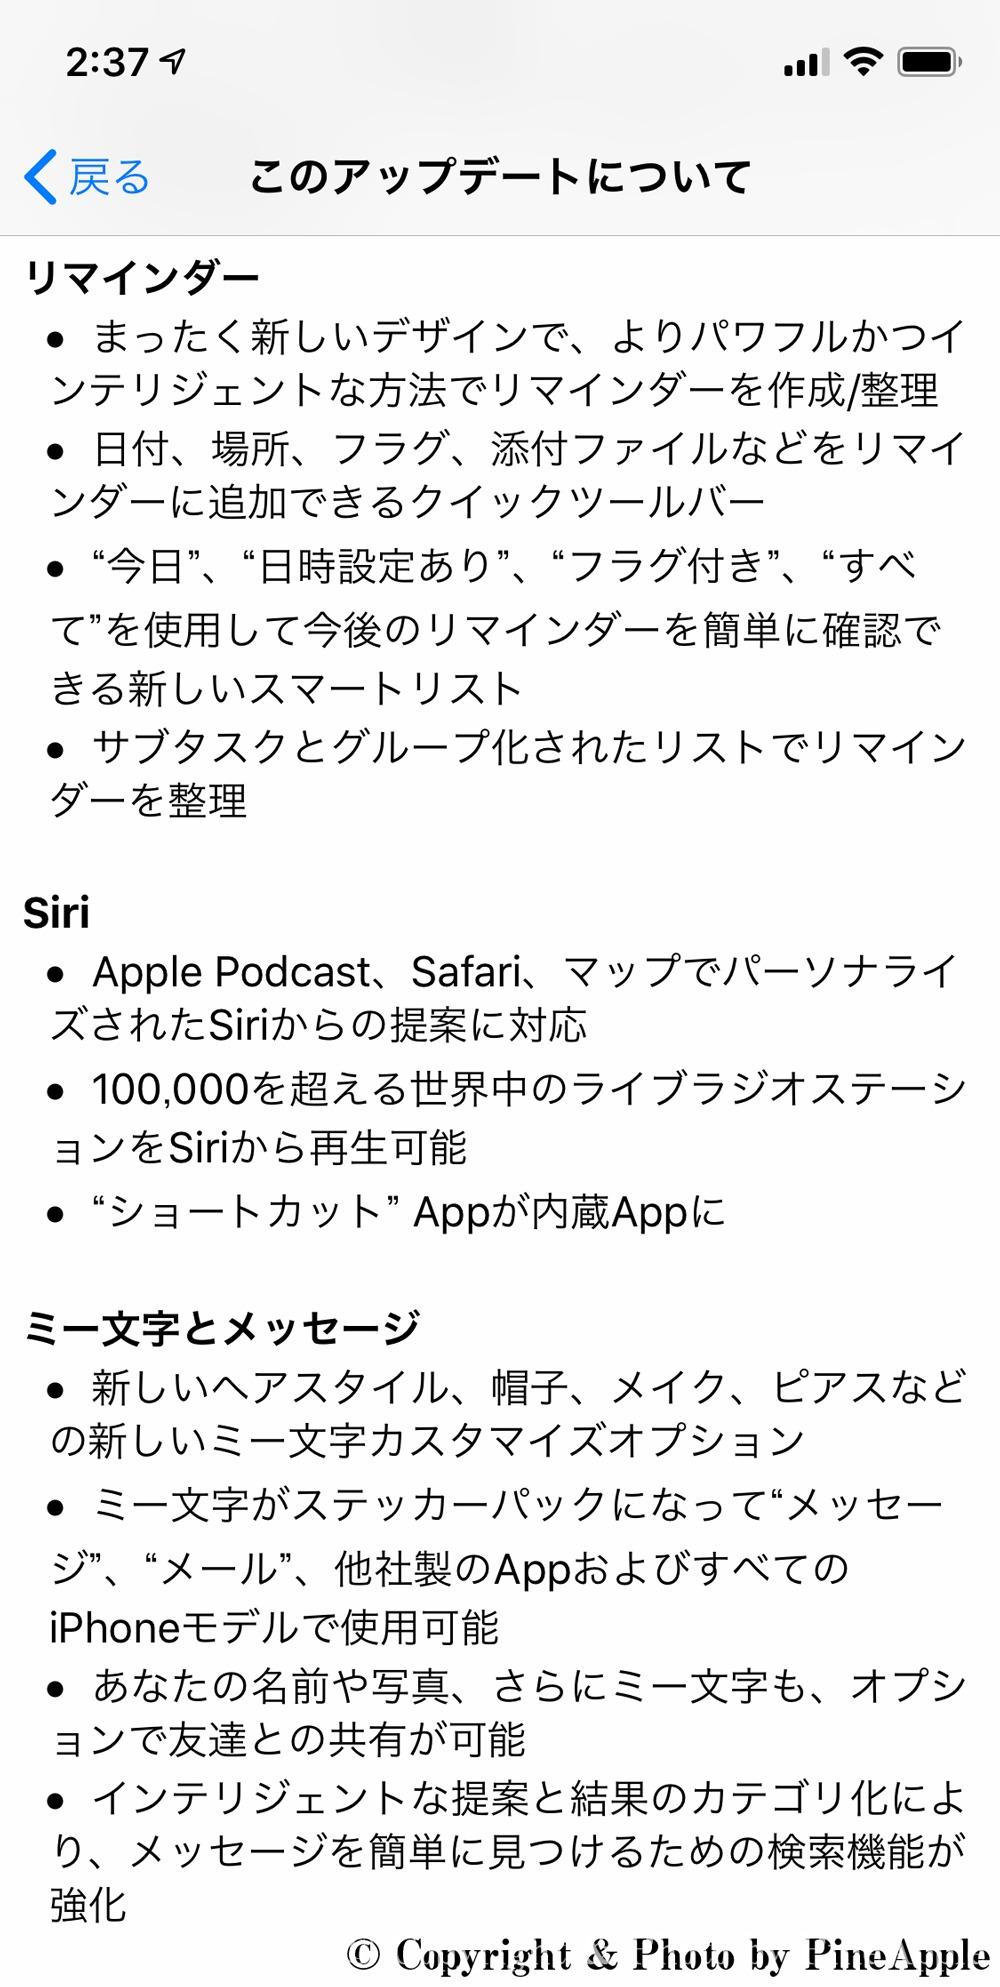 iOS 13:リマインダー、Siri、ミー文字とメッセージ